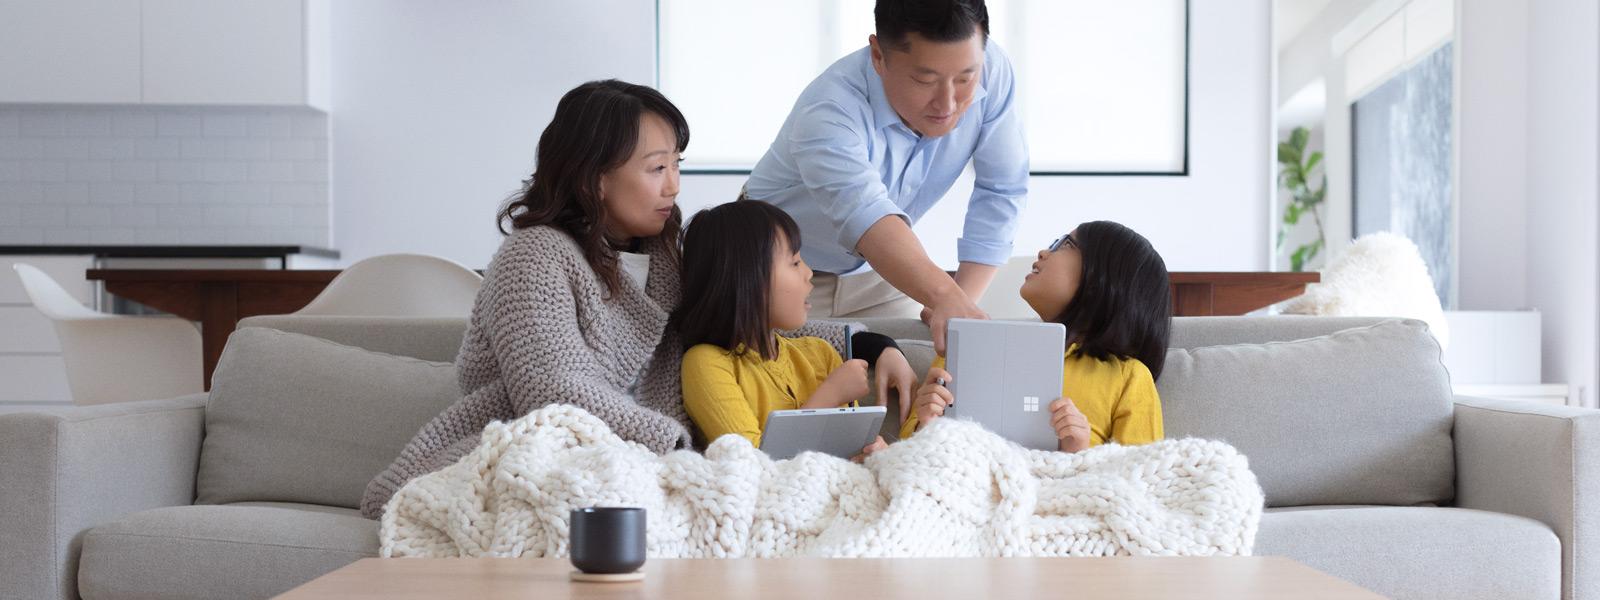 عائلة تجلس على أريكة مع طفلين يحملان جهازي Surface Go